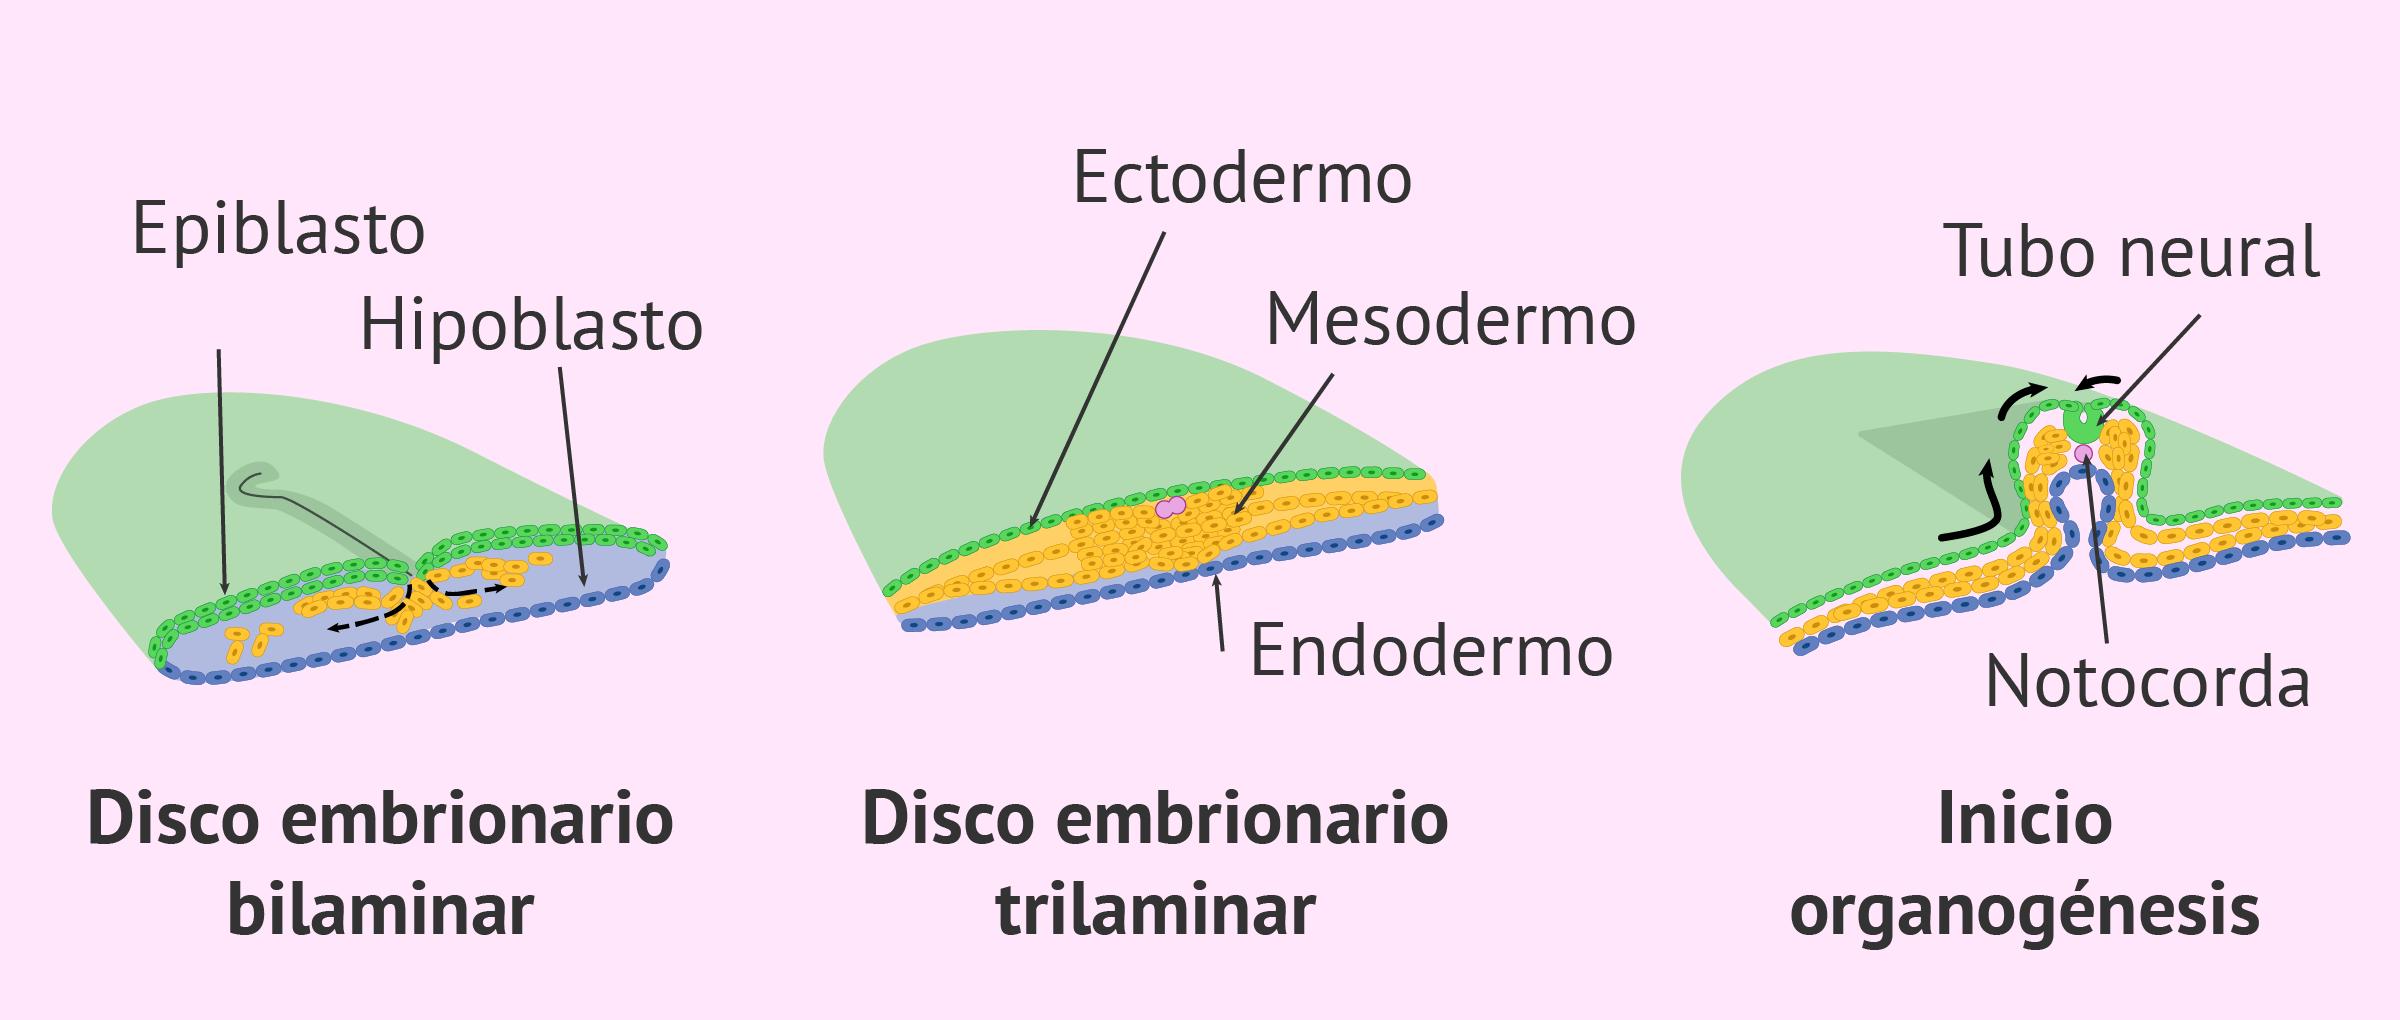 Formación del disco embrionario trilaminar